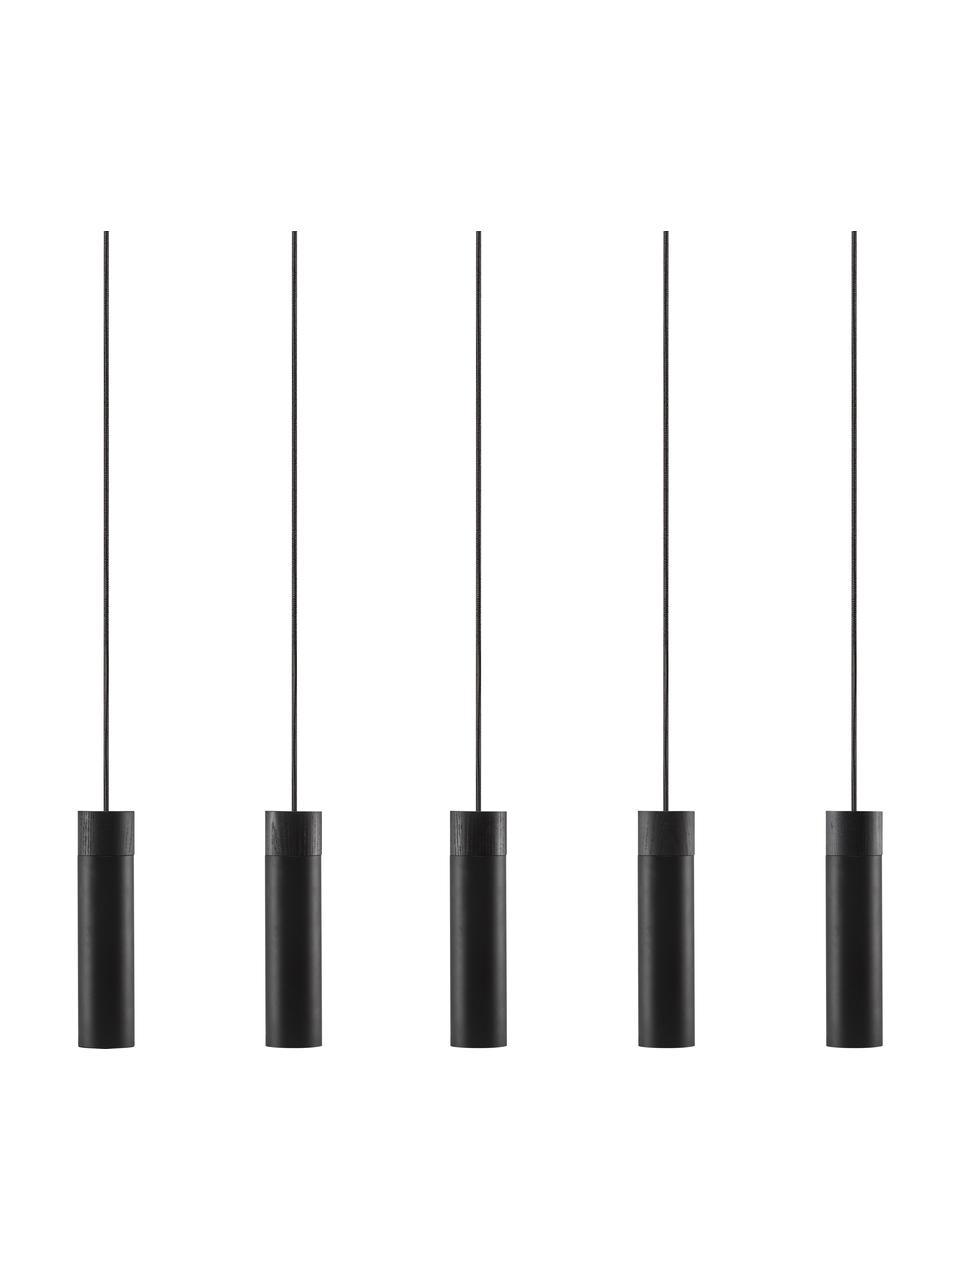 Lampada a sospensione con decoro in legno Tilo, Paralume: metallo rivestito, Baldacchino: metallo rivestito, Nero, Larg. 81 cm